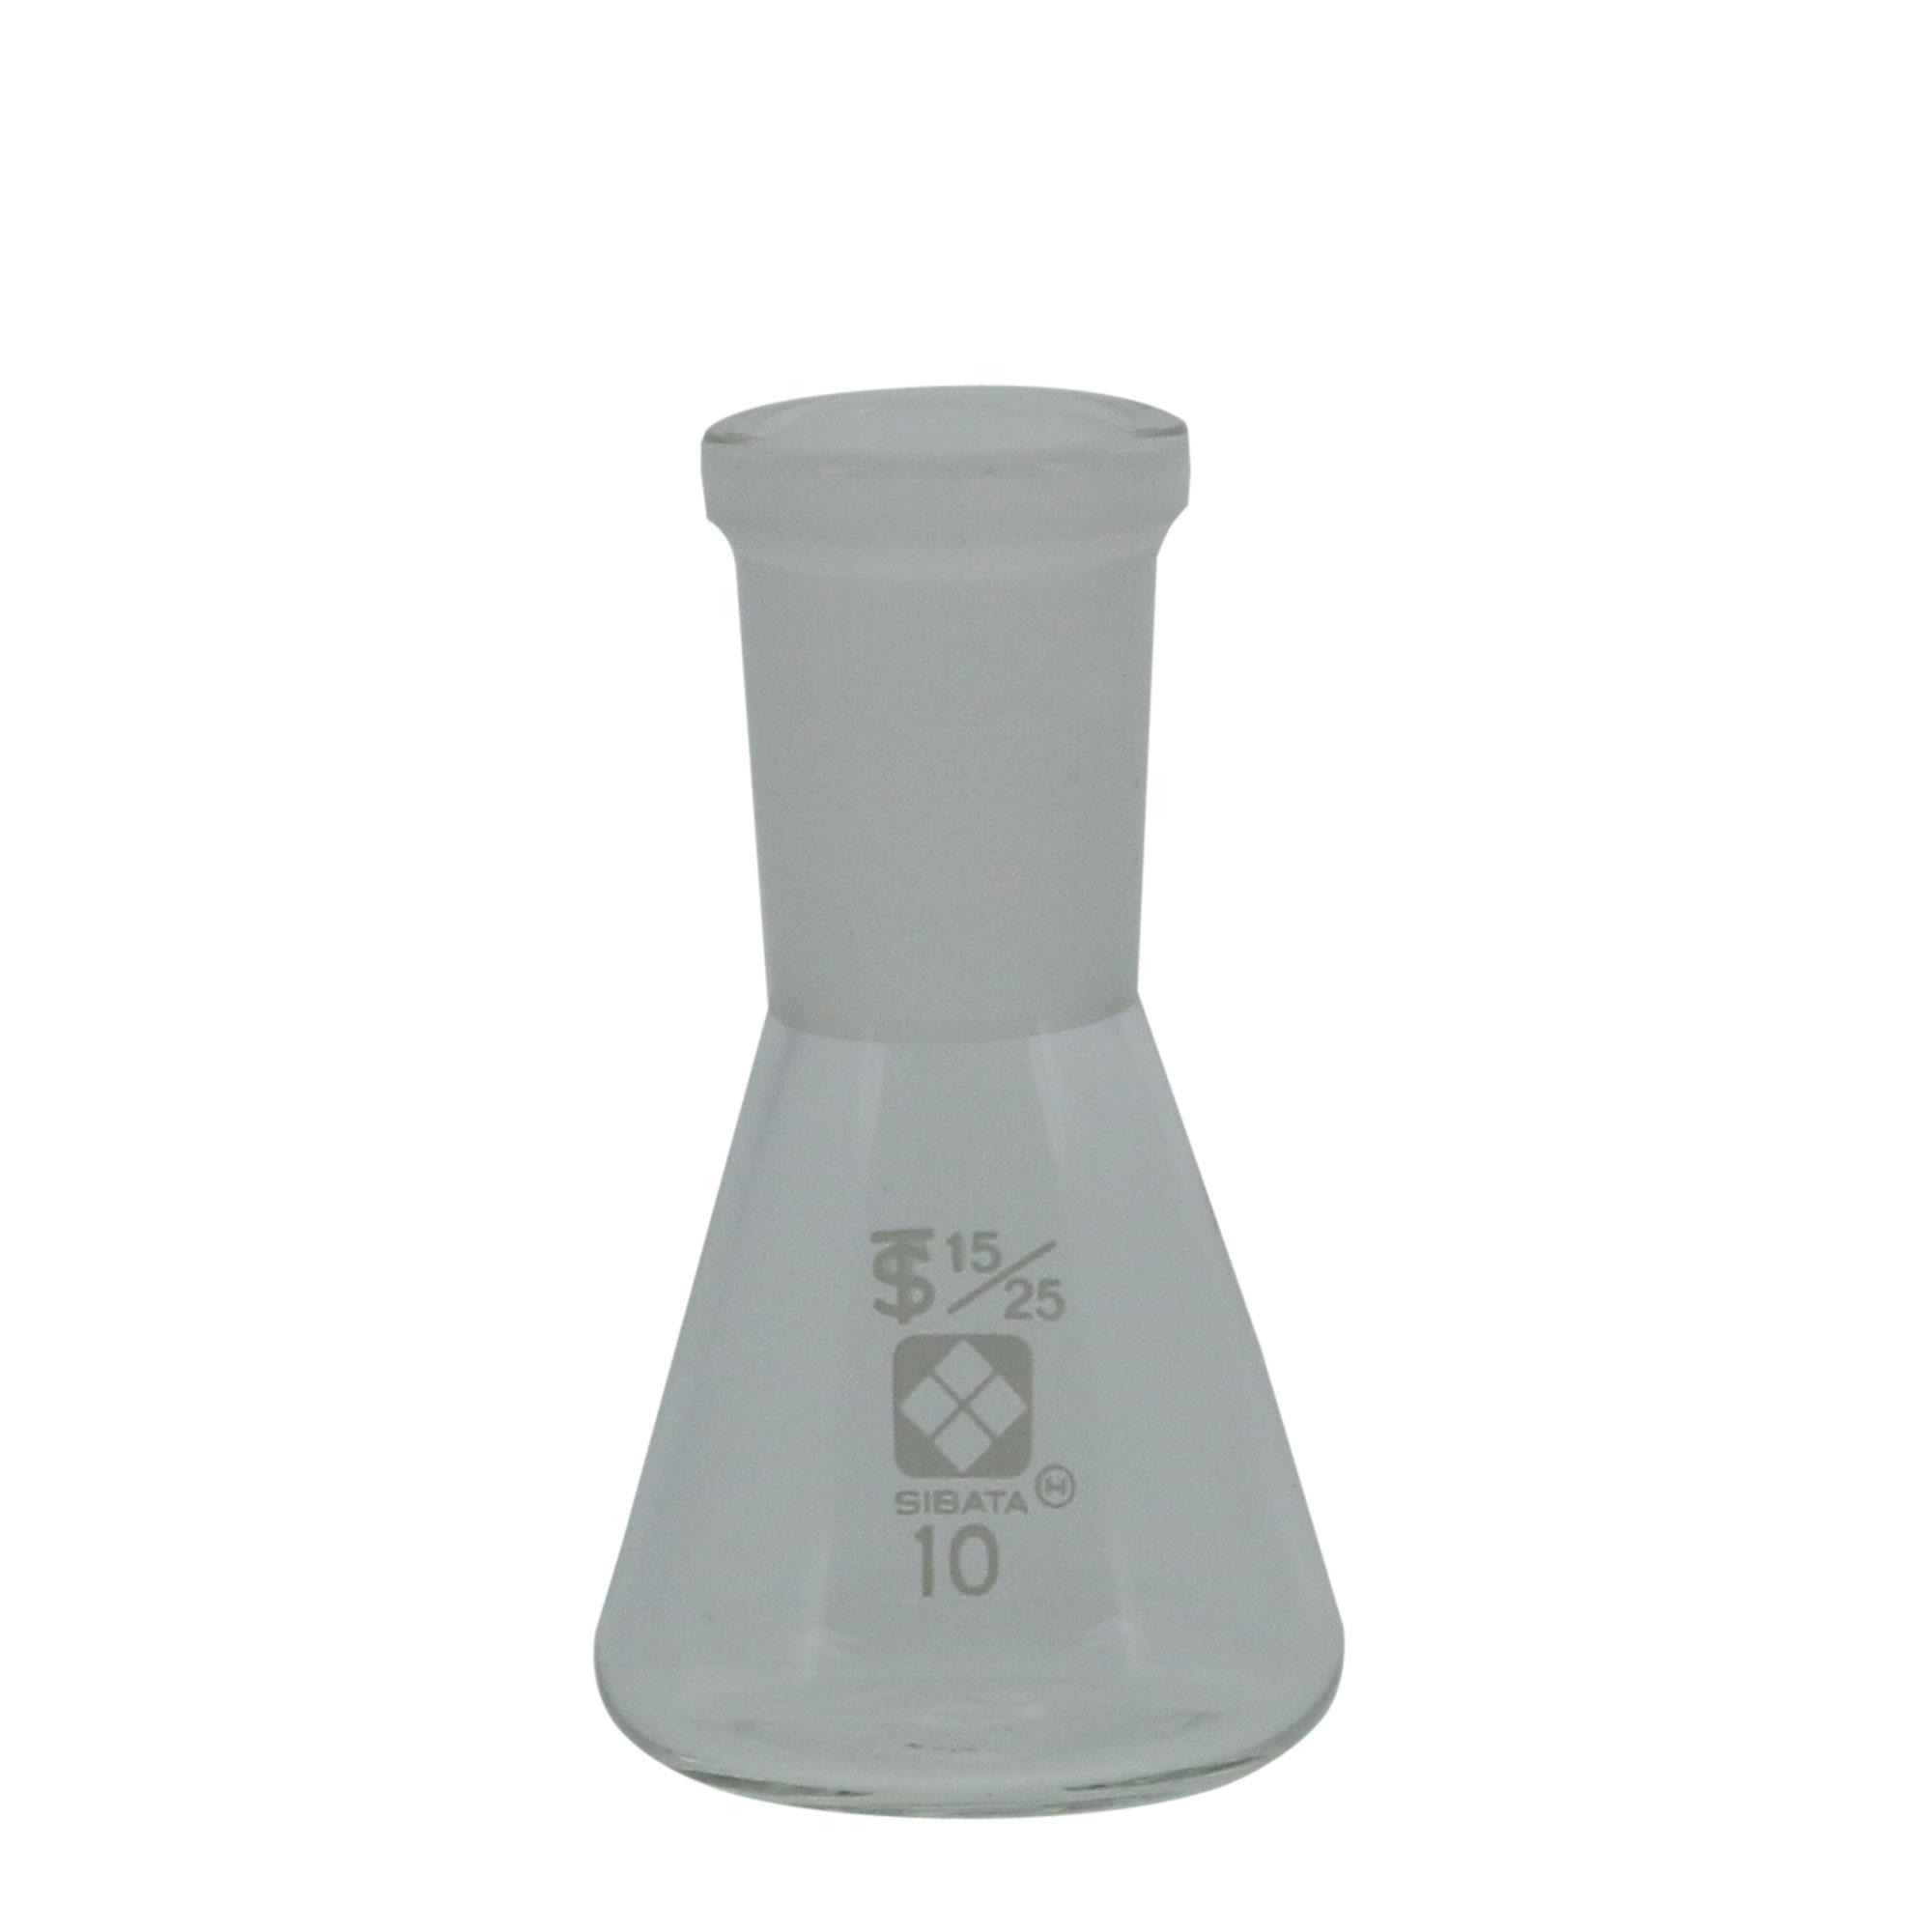 005510-1510 共通摺合三角フラスコ 15/25 10mL 柴田科学(SIBATA)